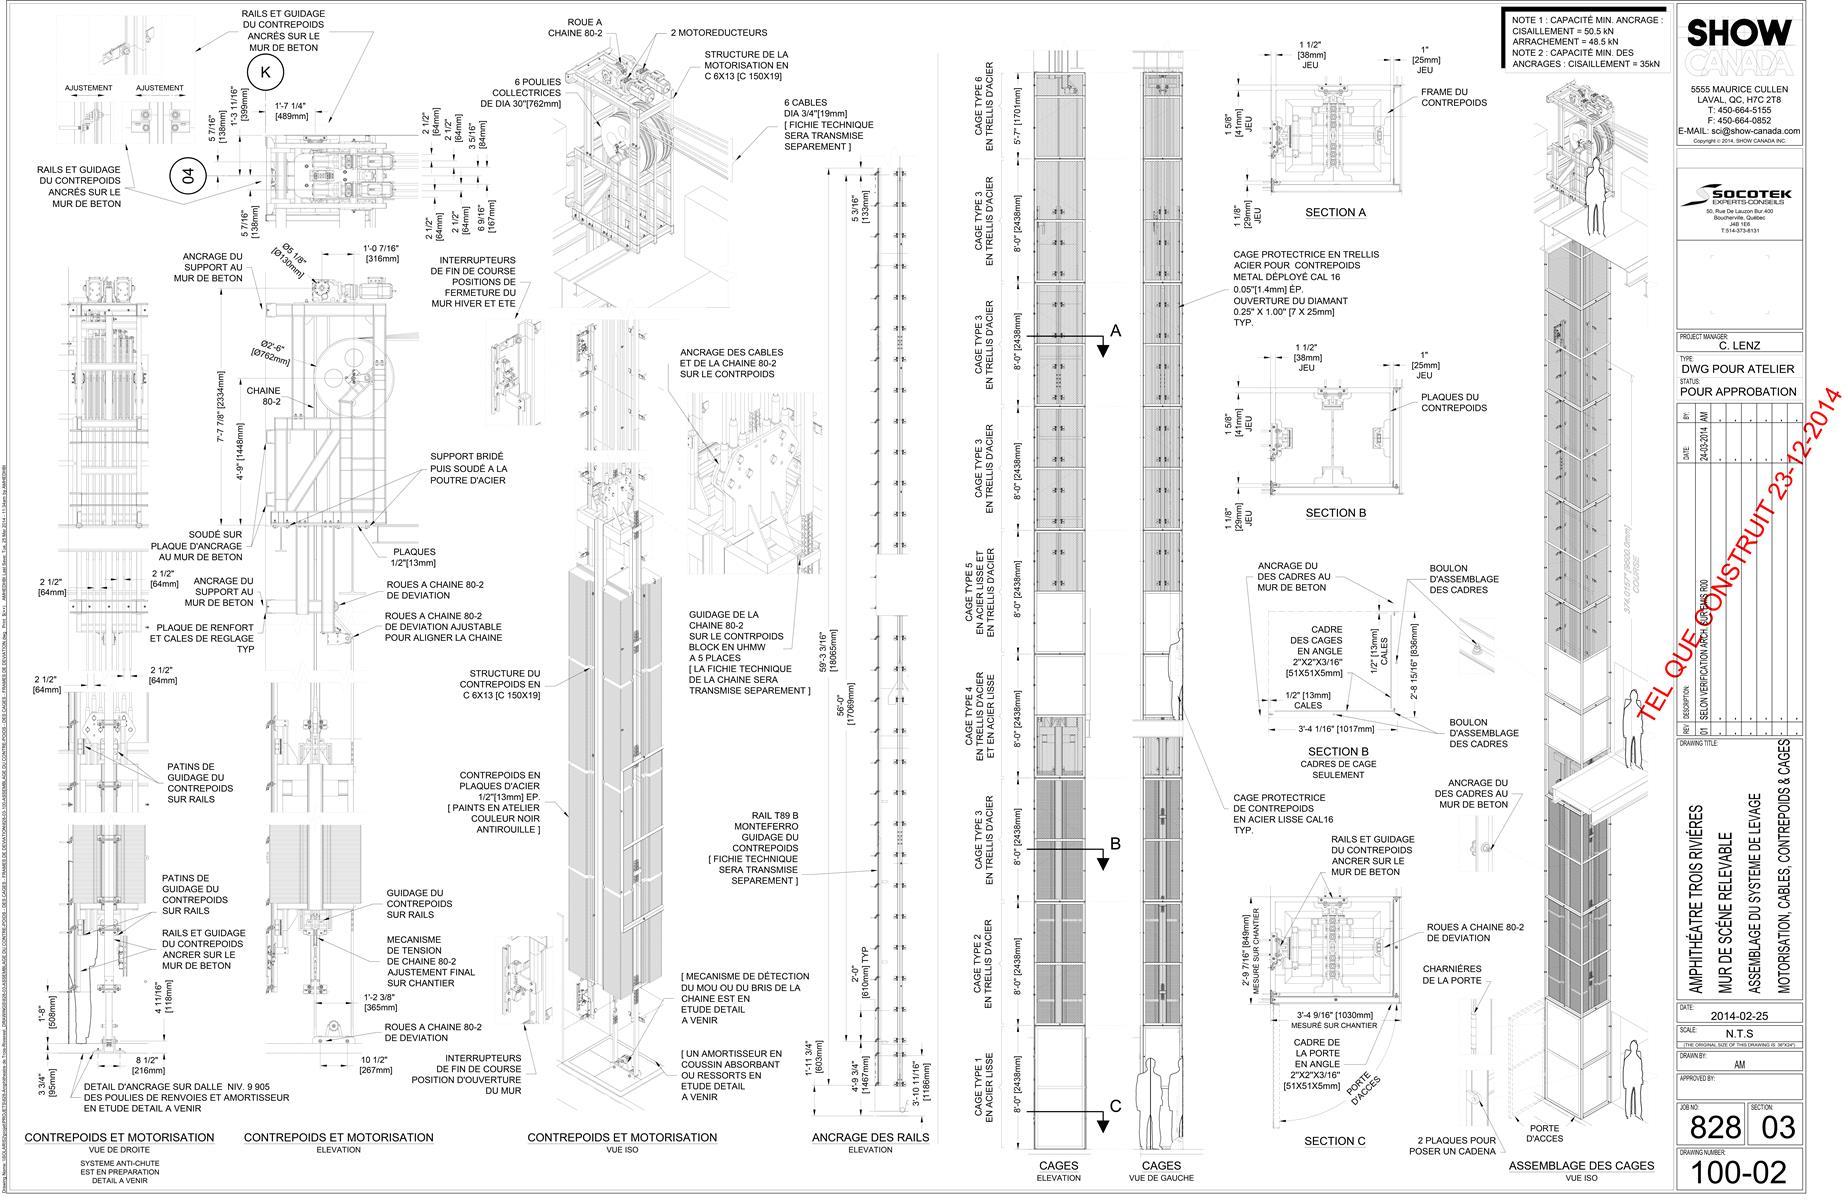 ATRV-Mur-de-scene-Show-Canada-75_1848x1200.jpg